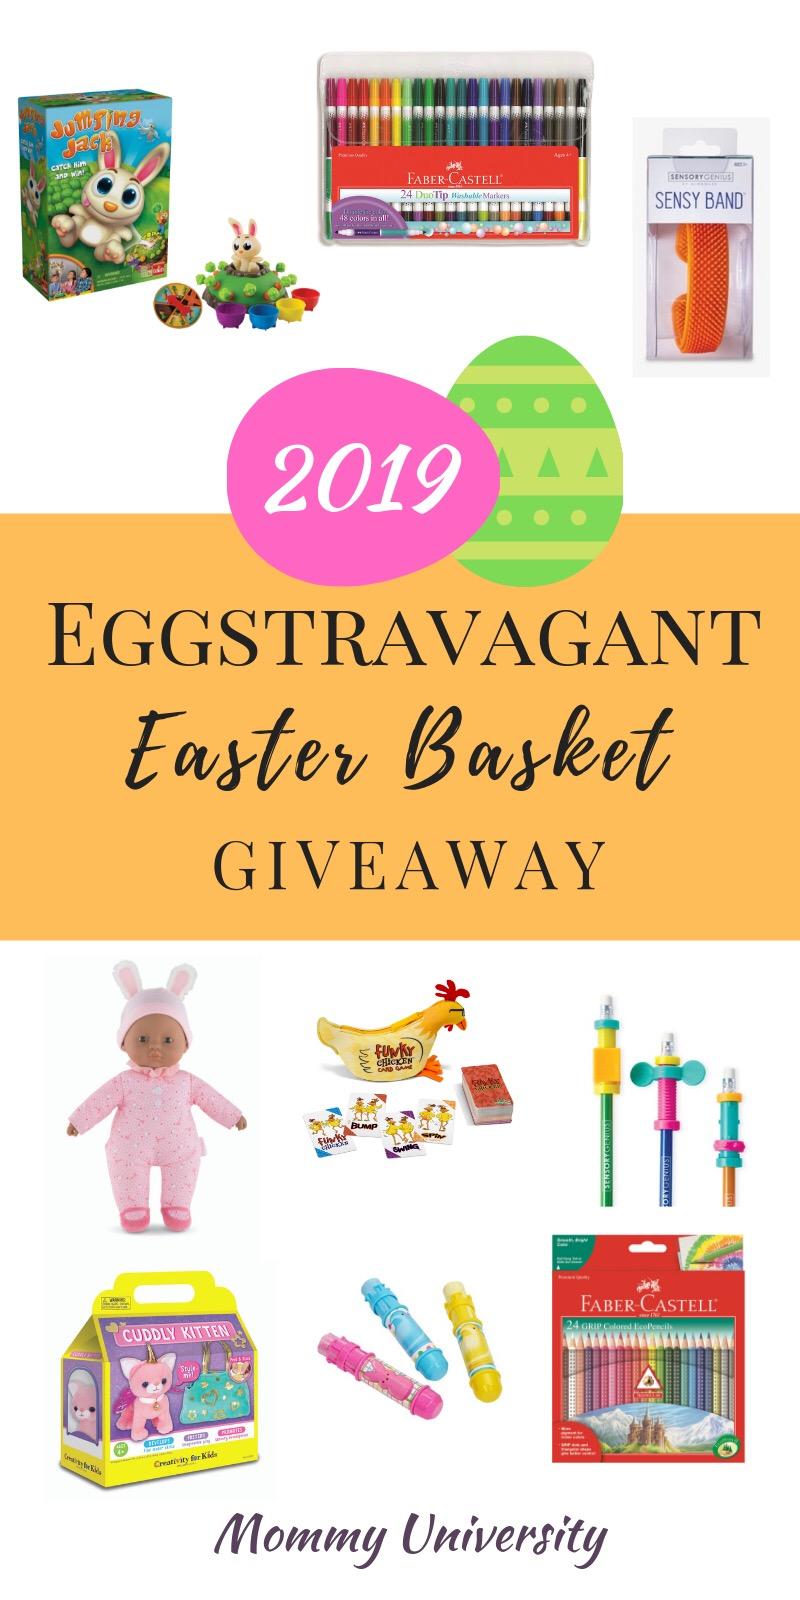 2019 Easter Basket Giveaway